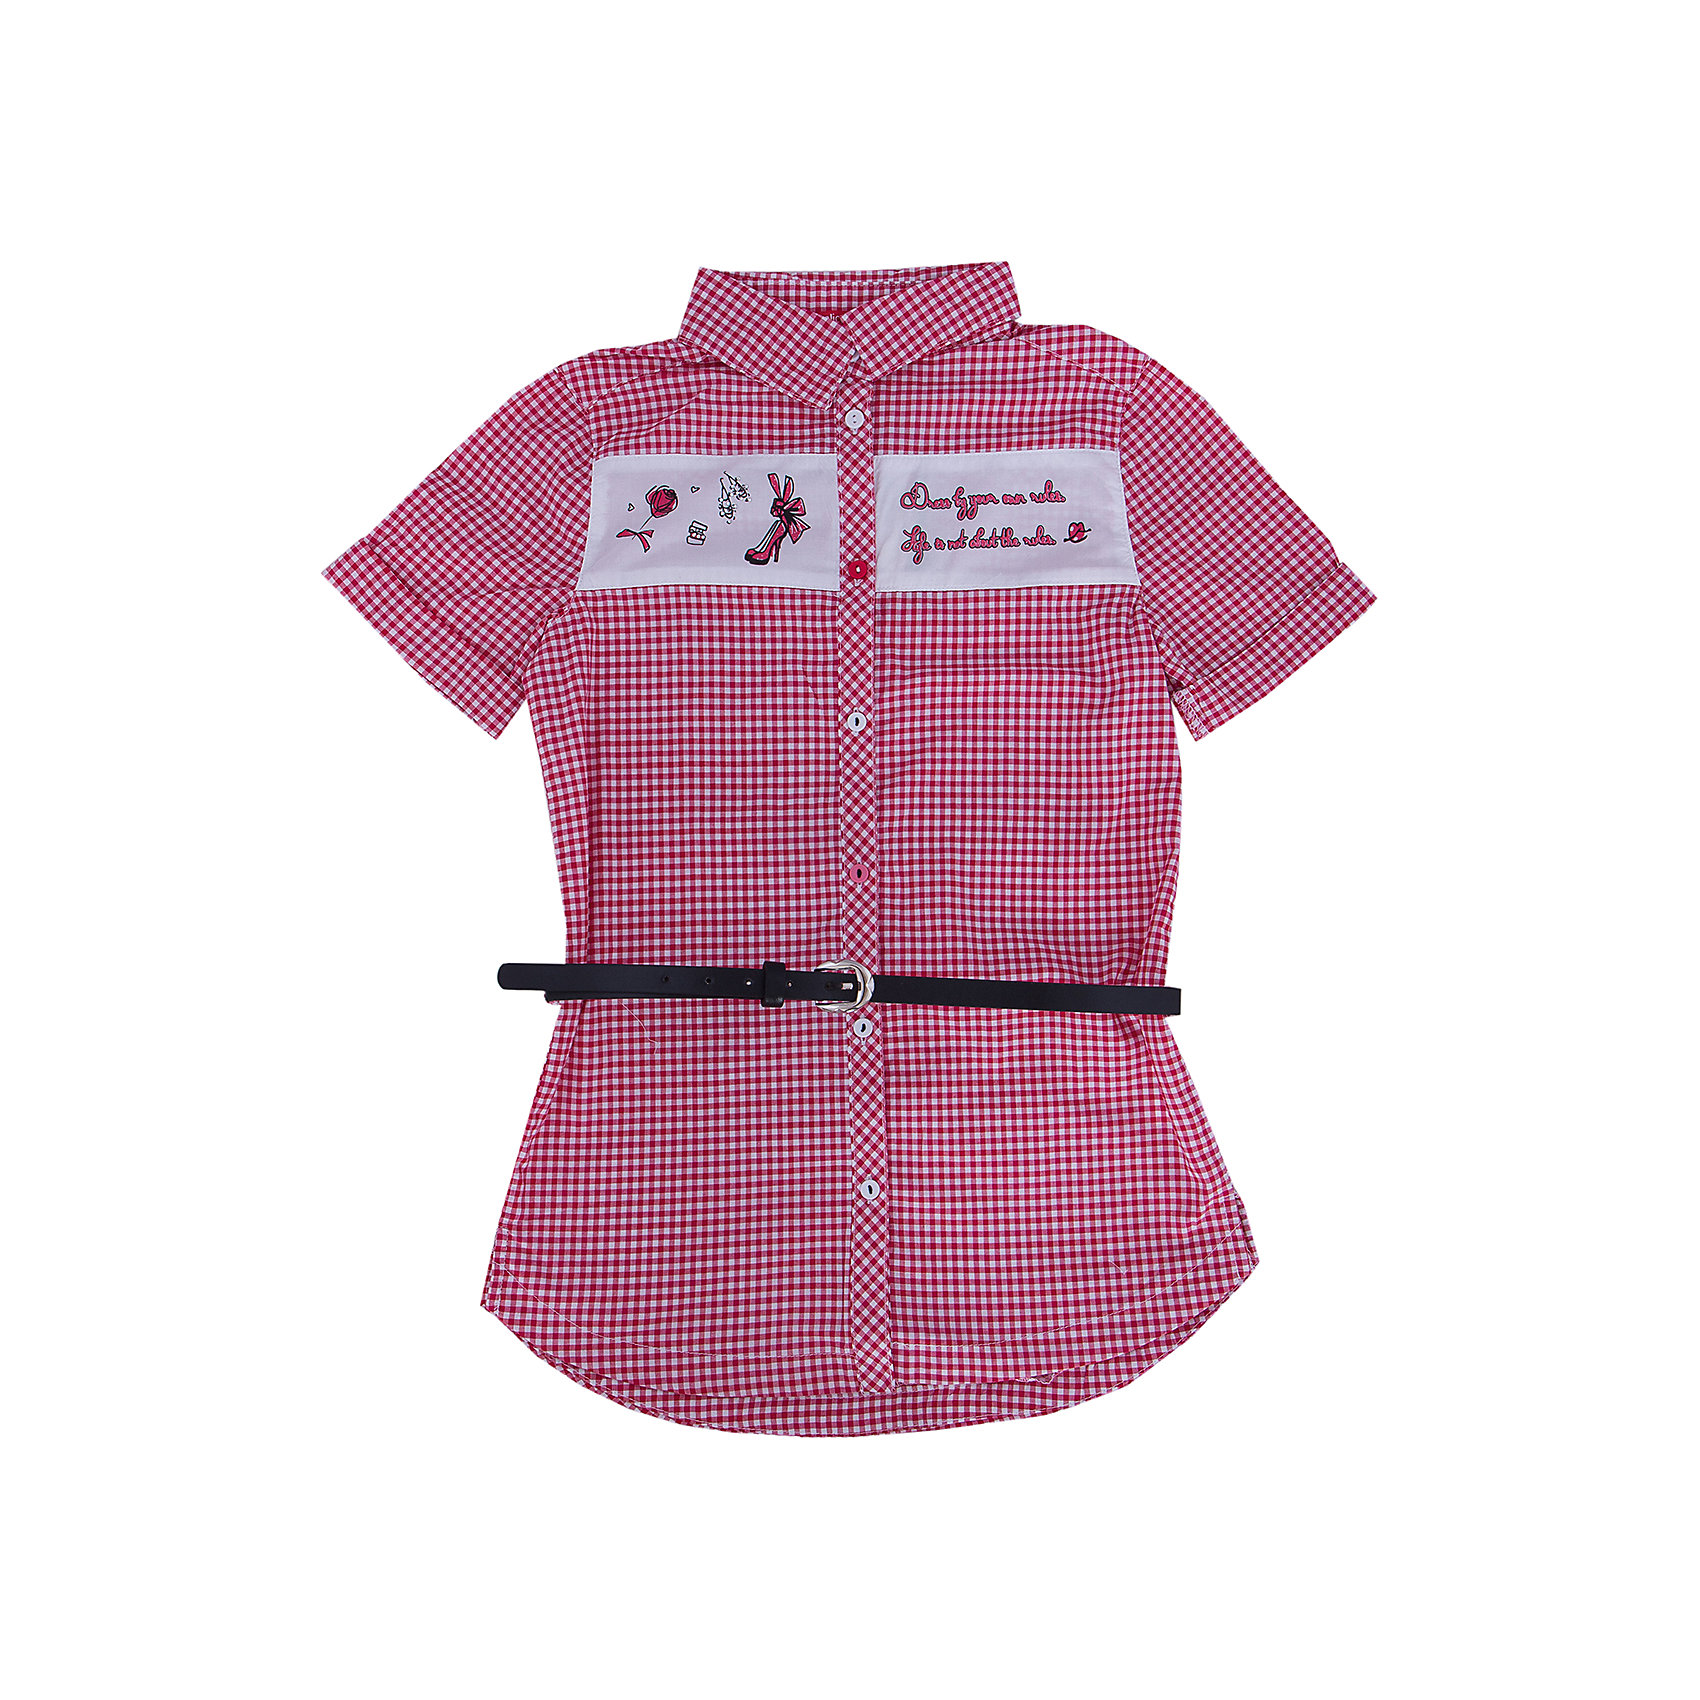 Блузка для девочки PELICANБлузки и рубашки<br>Модная удобная блузка для девочки поможет разнообразить гардероб ребенка, создать легкий подходящий погоде ансамбль. Удобный крой и качественный материал обеспечат ребенку комфорт при ношении этого изделия. <br>Блузка очень симпатично смотрится благодаря актуальному дизайну и удлиненному силуэту. Изделие украшено вставкой с принтом и стразами. Рукава - короткие. Материал - легкий, отлично подходит для лета, состоит из дышащего натурального хлопка. Очень приятен на ощупь, не вызывает аллергии. В комплекте  - стильный ремешок из искусственной кожи.<br><br>Дополнительная информация:<br><br>материал: 100% хлопок;<br>цвет: в клетку;<br>принт и стразы;<br>ремешок из искусственной кожи;<br>рукава короткие.<br><br>Блузку для девочки от бренда PELICAN (Пеликан) можно купить в нашем магазине.<br><br>Ширина мм: 186<br>Глубина мм: 87<br>Высота мм: 198<br>Вес г: 197<br>Цвет: розовый<br>Возраст от месяцев: 84<br>Возраст до месяцев: 96<br>Пол: Женский<br>Возраст: Детский<br>Размер: 128,122,146,140,134<br>SKU: 4805203